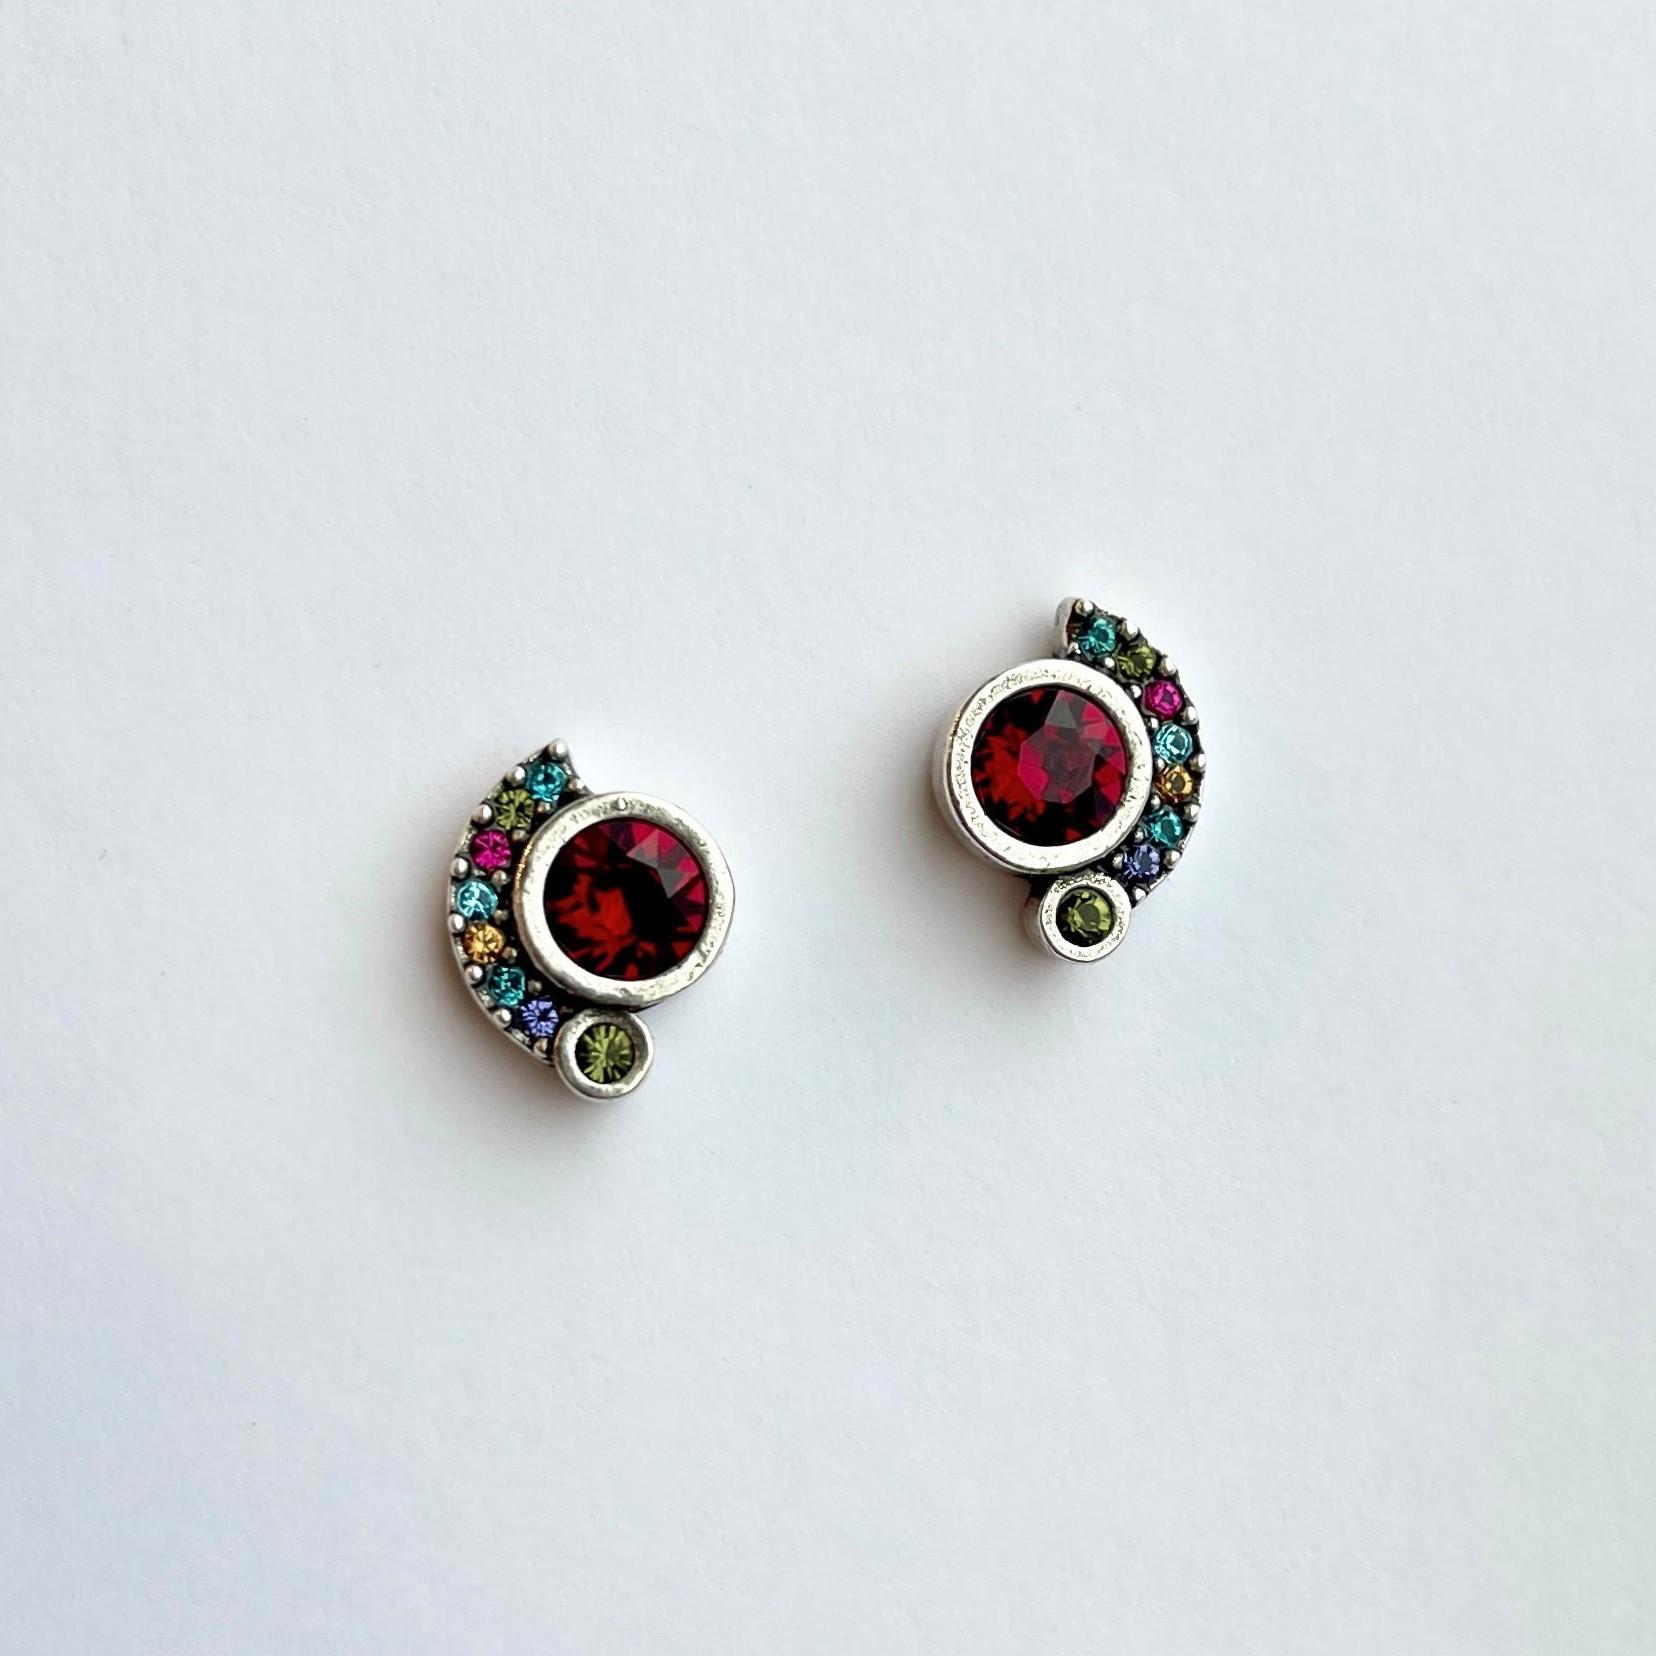 Zsa Zsa Post Earrings in Fling/Silver